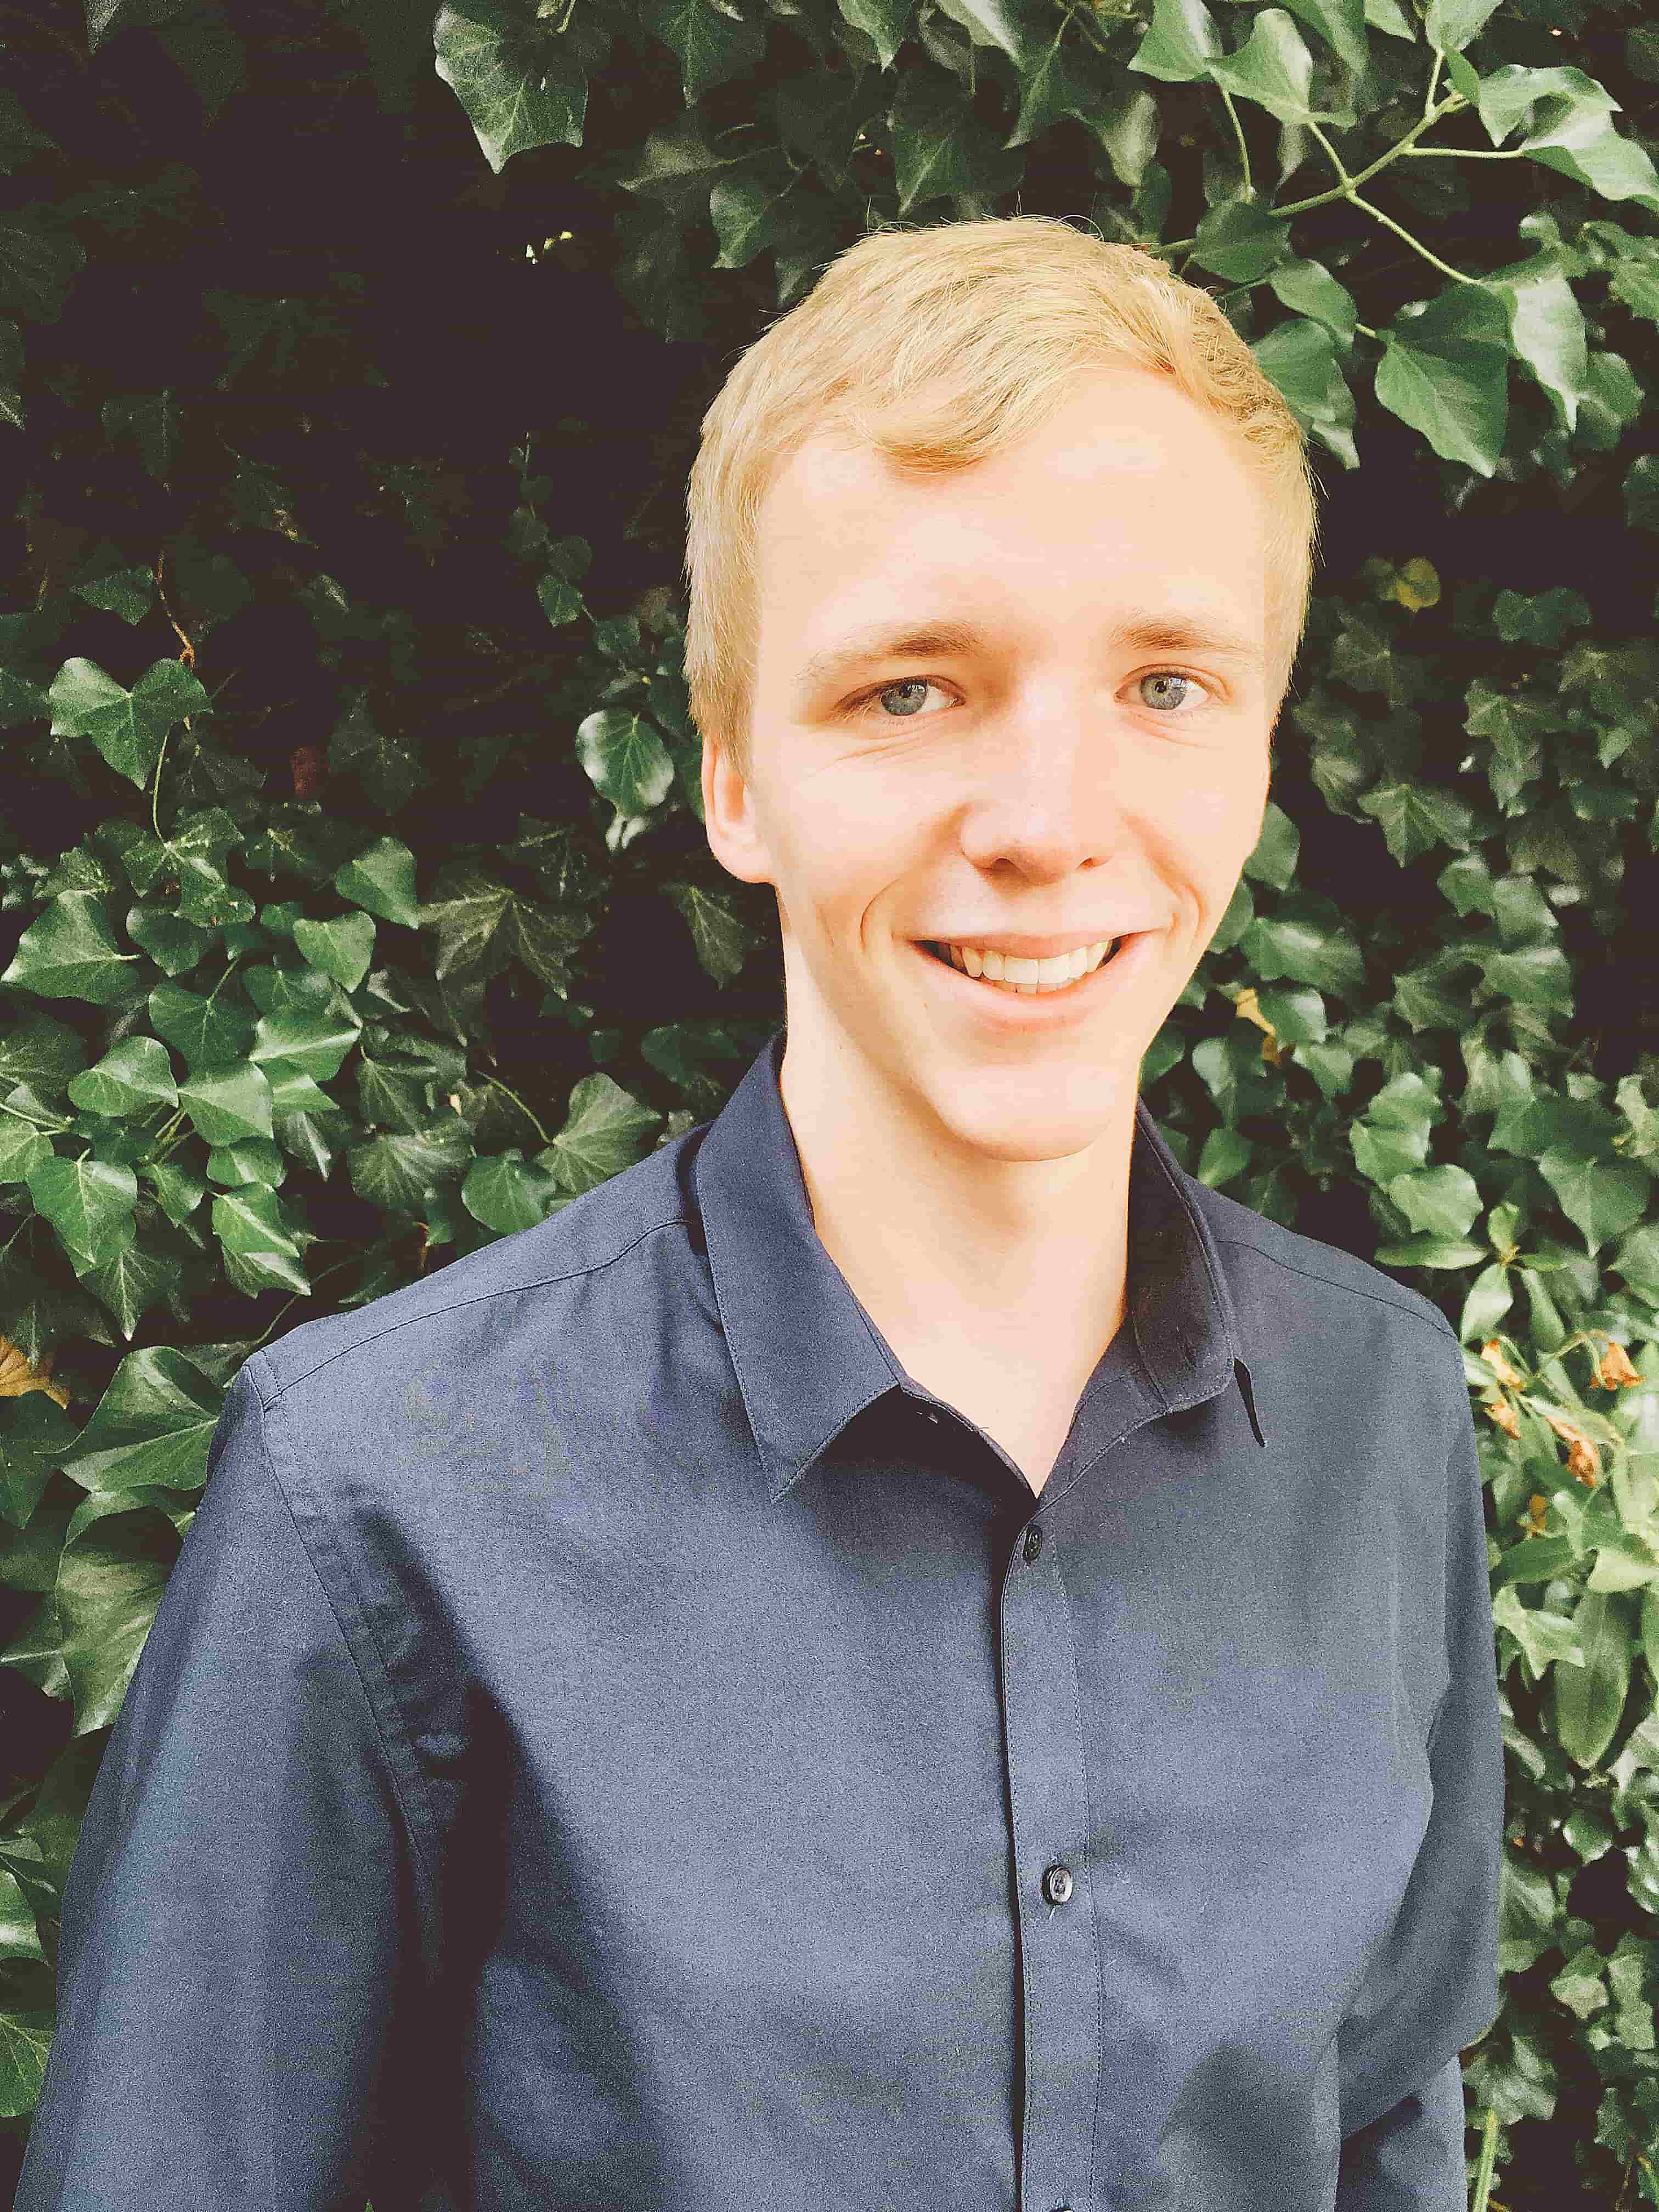 Recruiting und Active Sourcing Lukas Häußler von HRconsultion